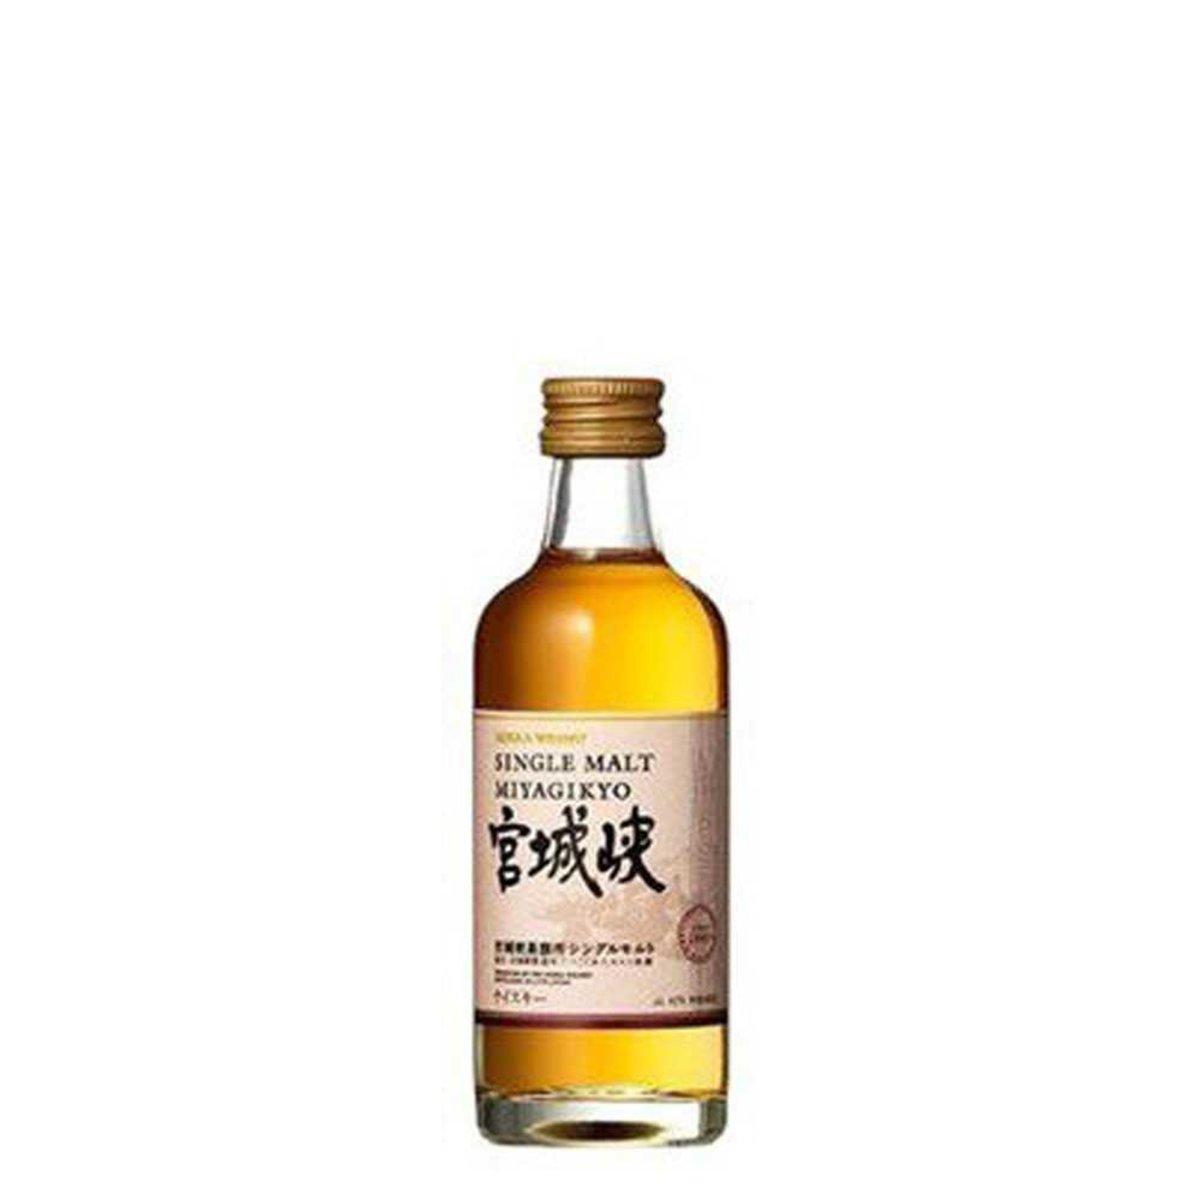 宮城峽 單一純麥威士忌 (酒版)